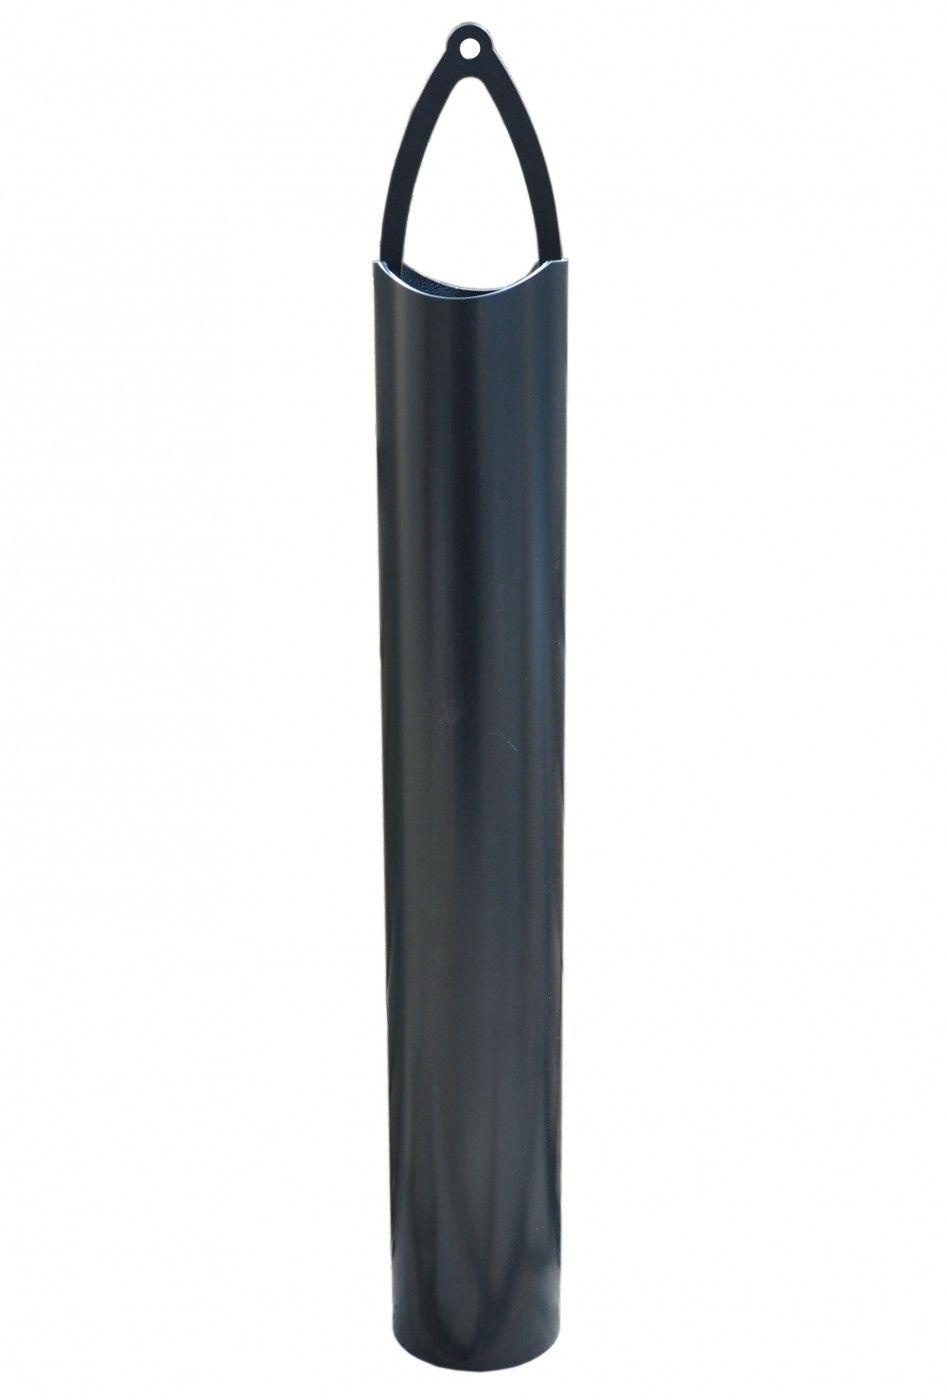 Plunscher 108mm Brunnen Bauen Rohre Und Bodenbeschaffenheit